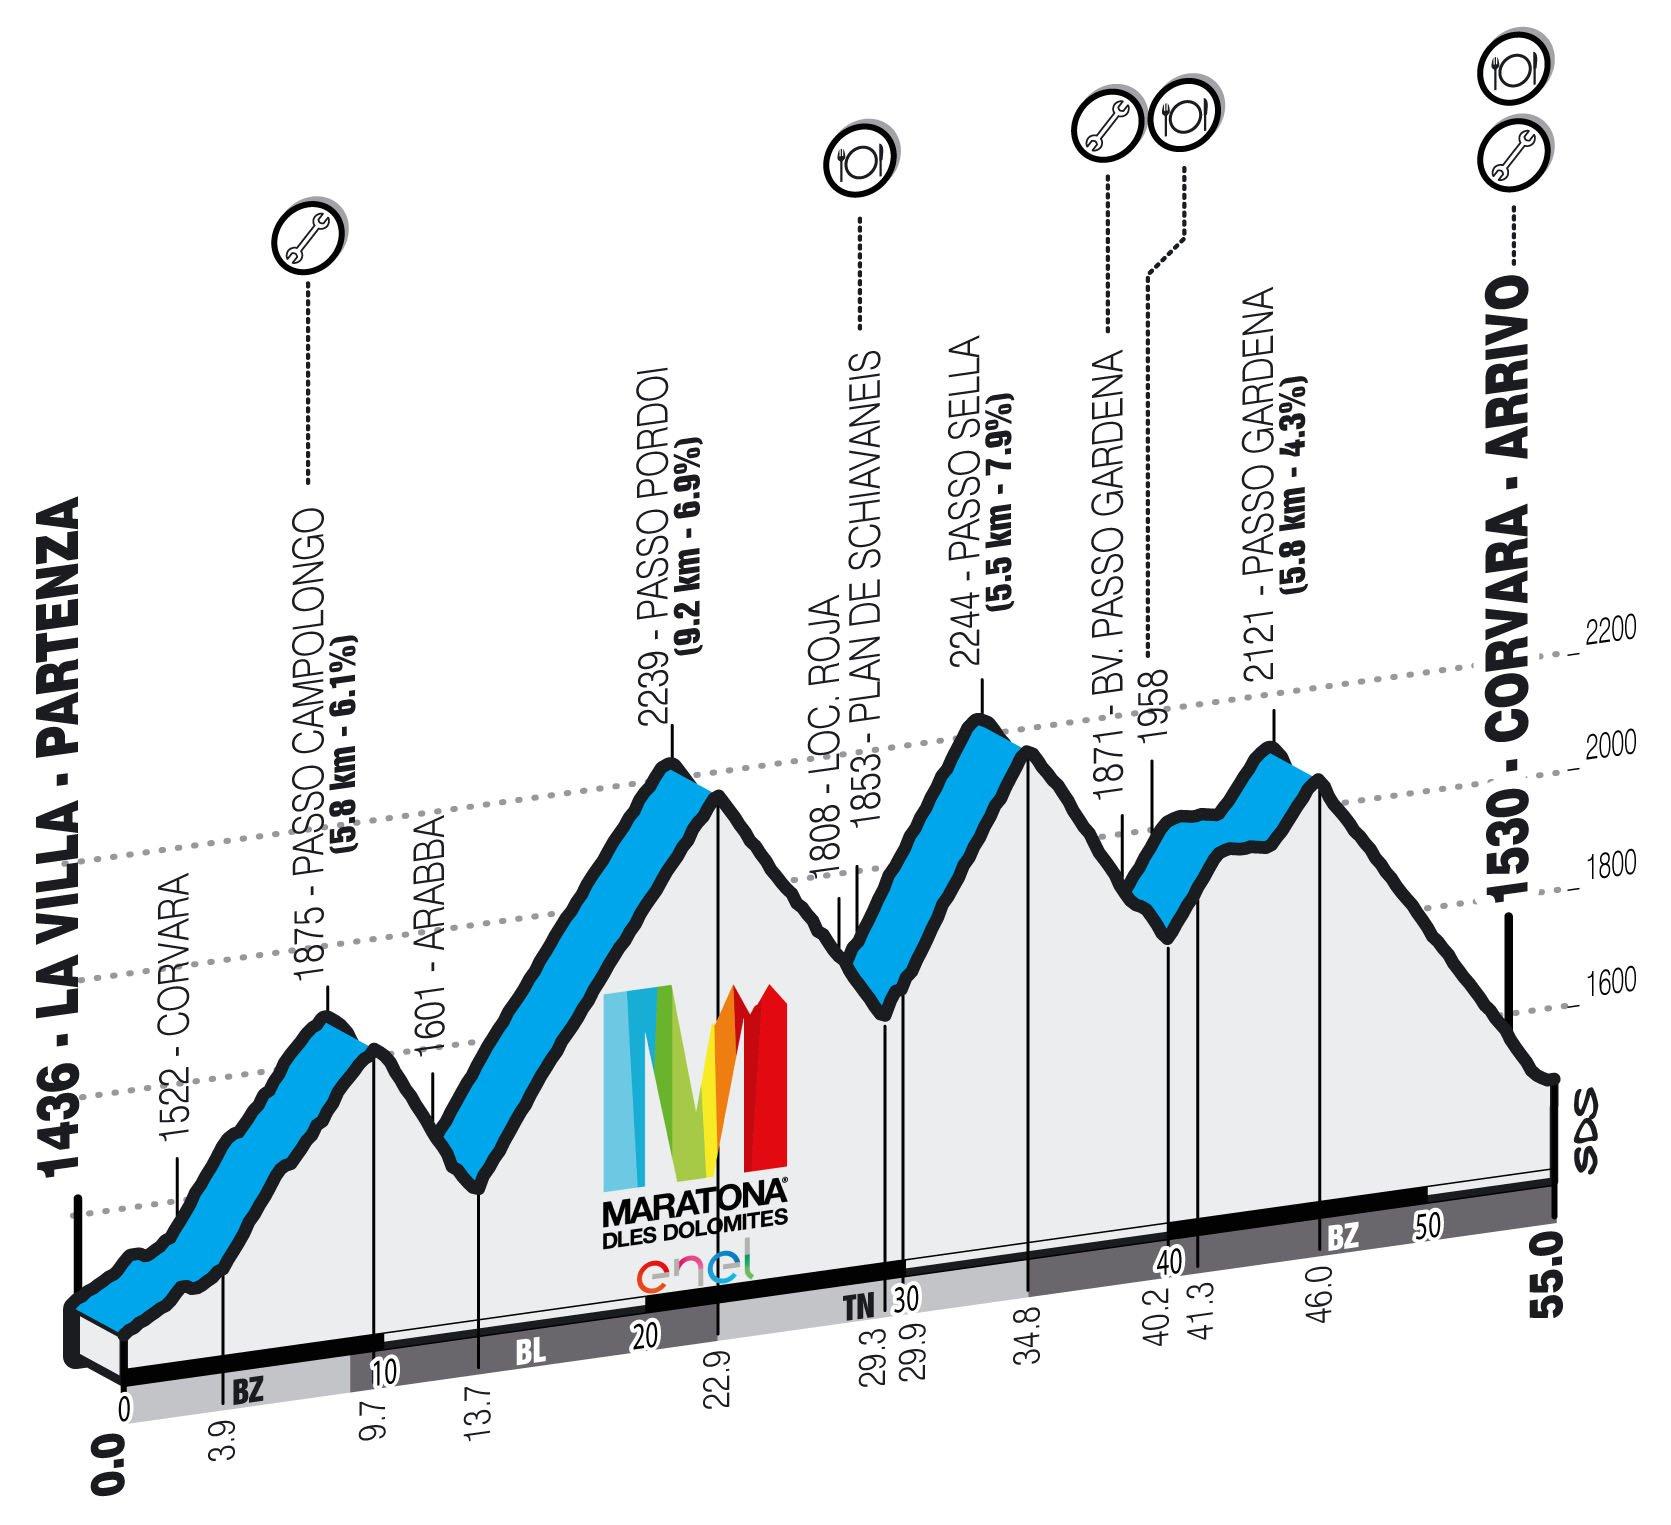 Maratona das Dolomitas 2017 - Percurso curto (sellaronda)